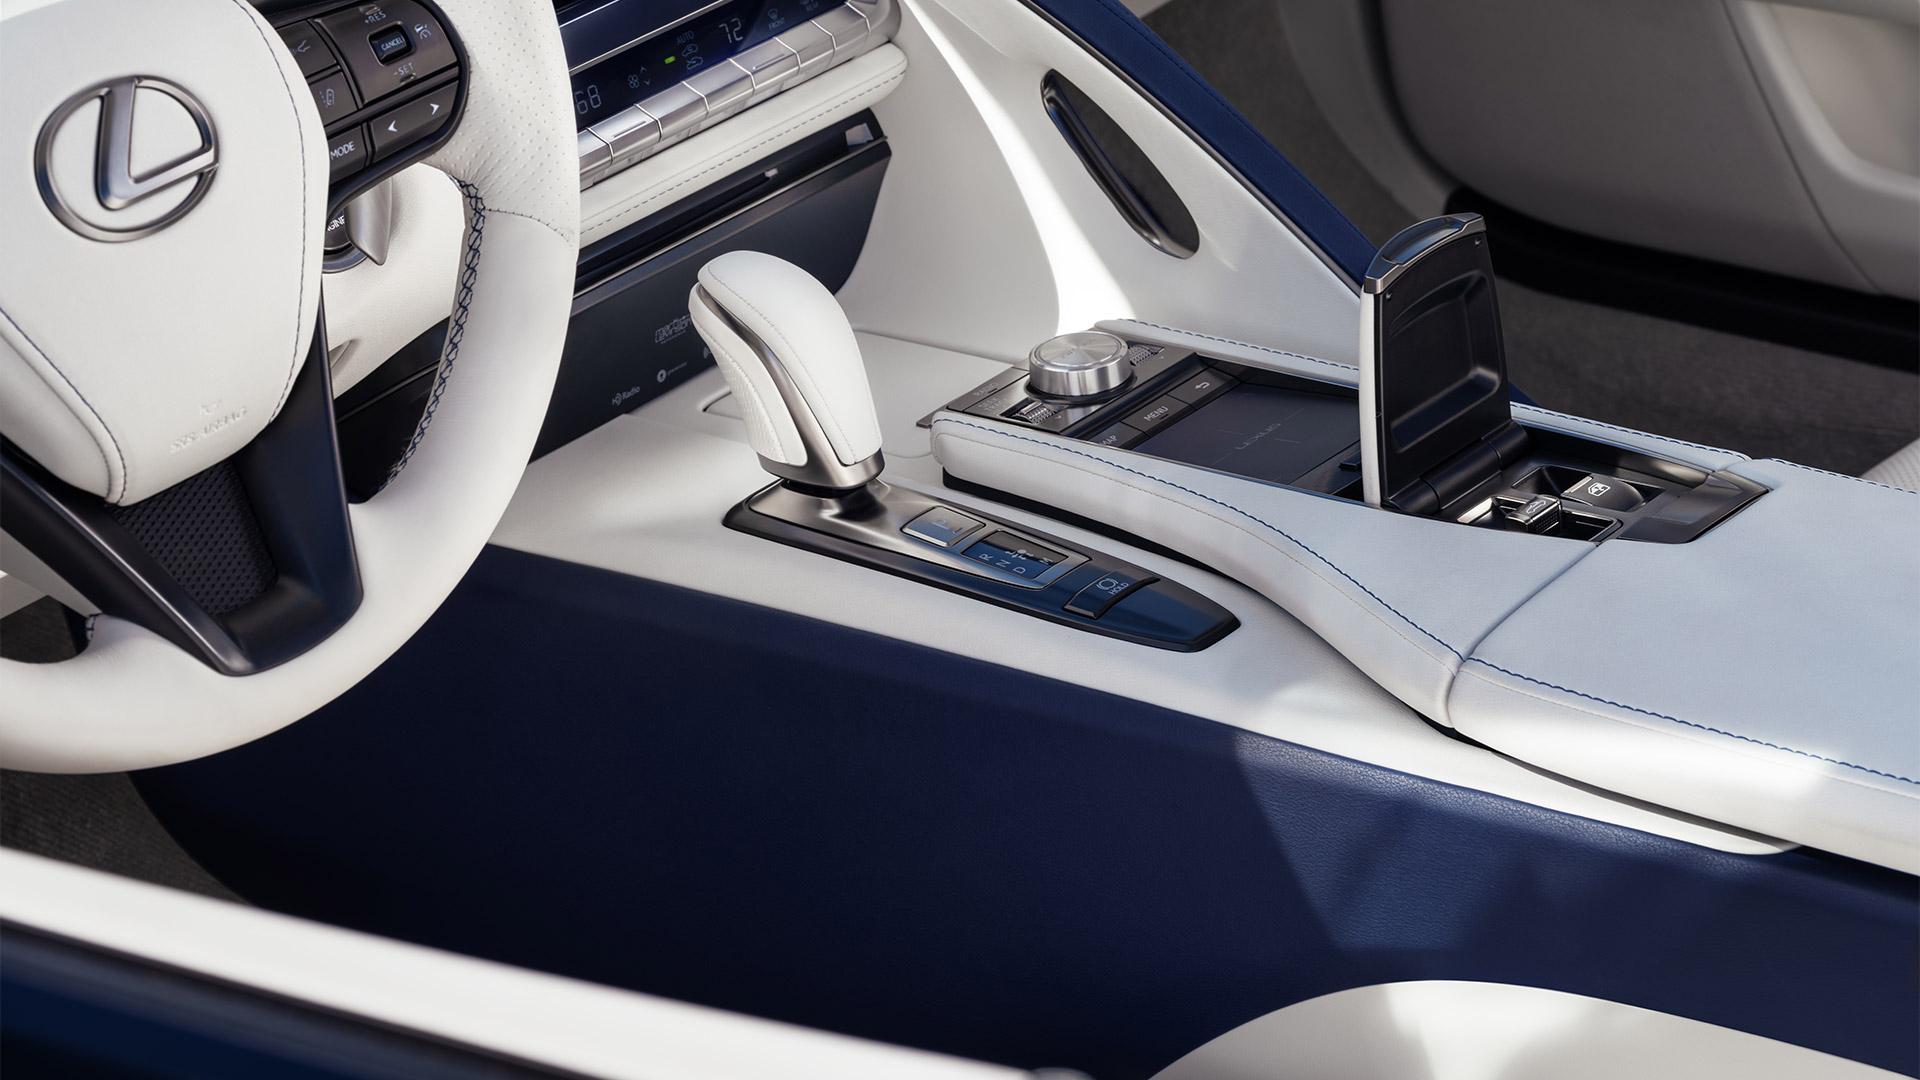 10 2019 027 nieuwe Lexus LC 500 Convertible 1920x1080 galerij